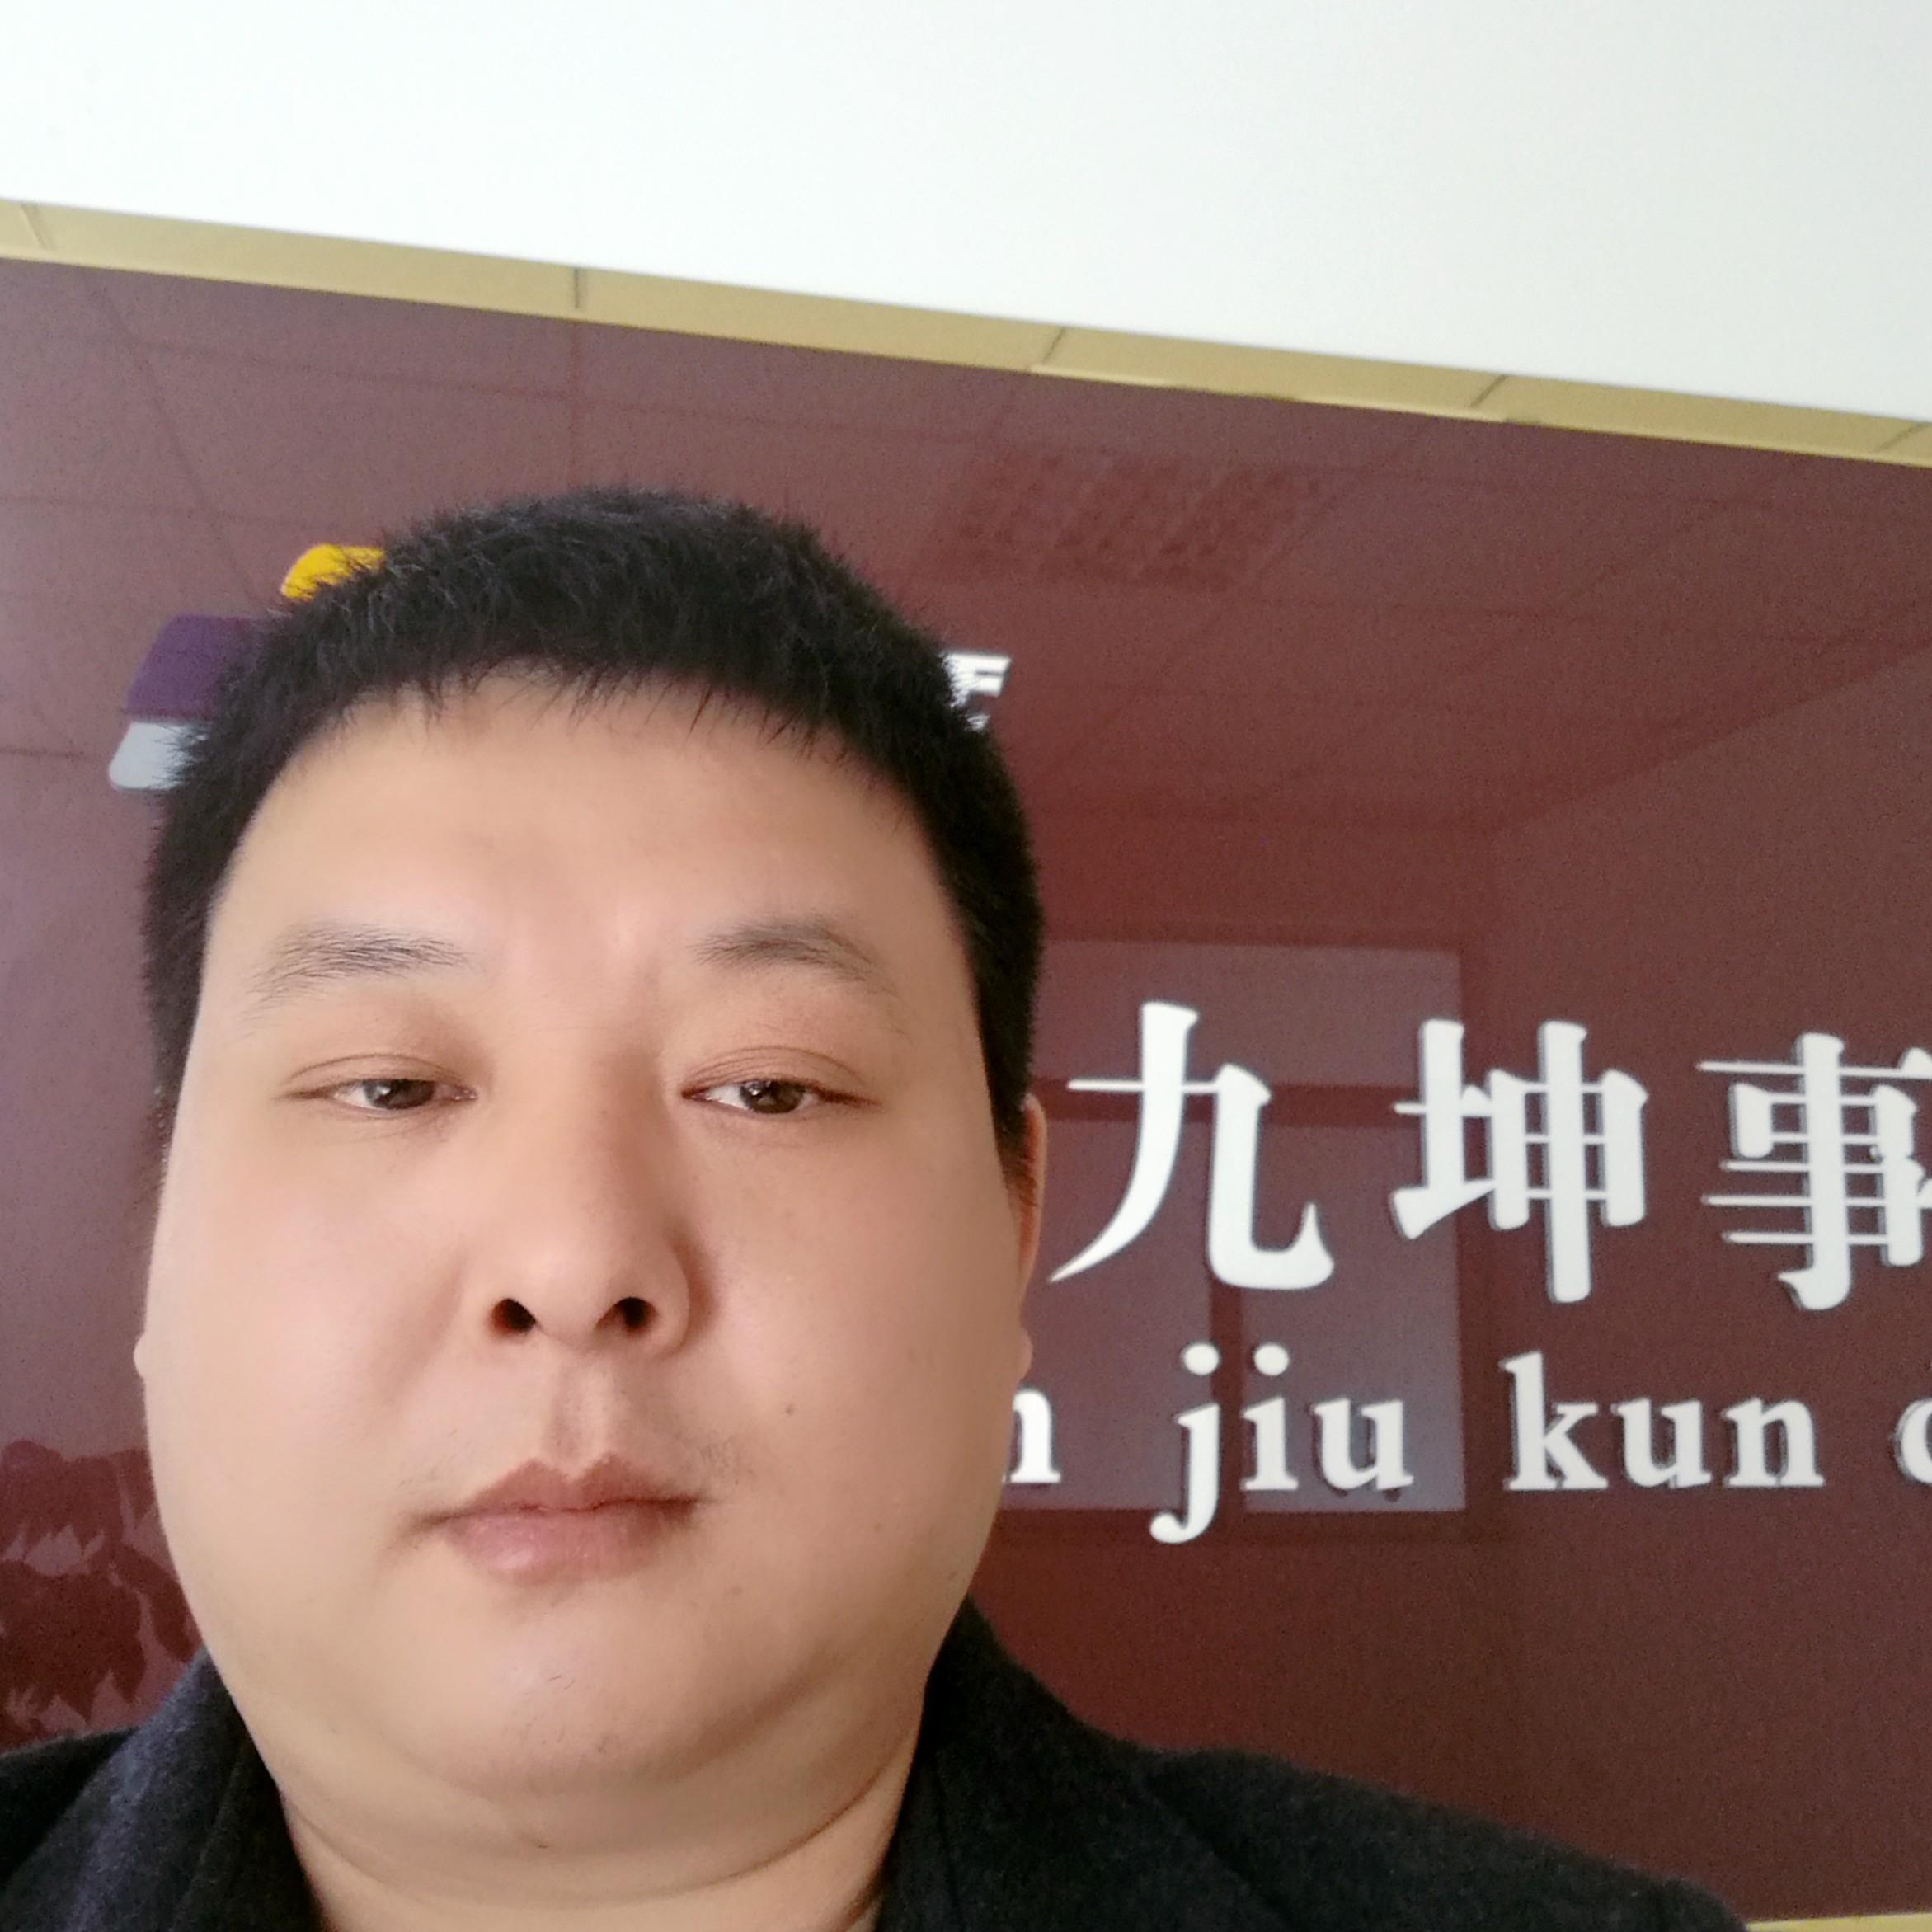 彩生活服务集团武汉九坤事业部副总周天保照片